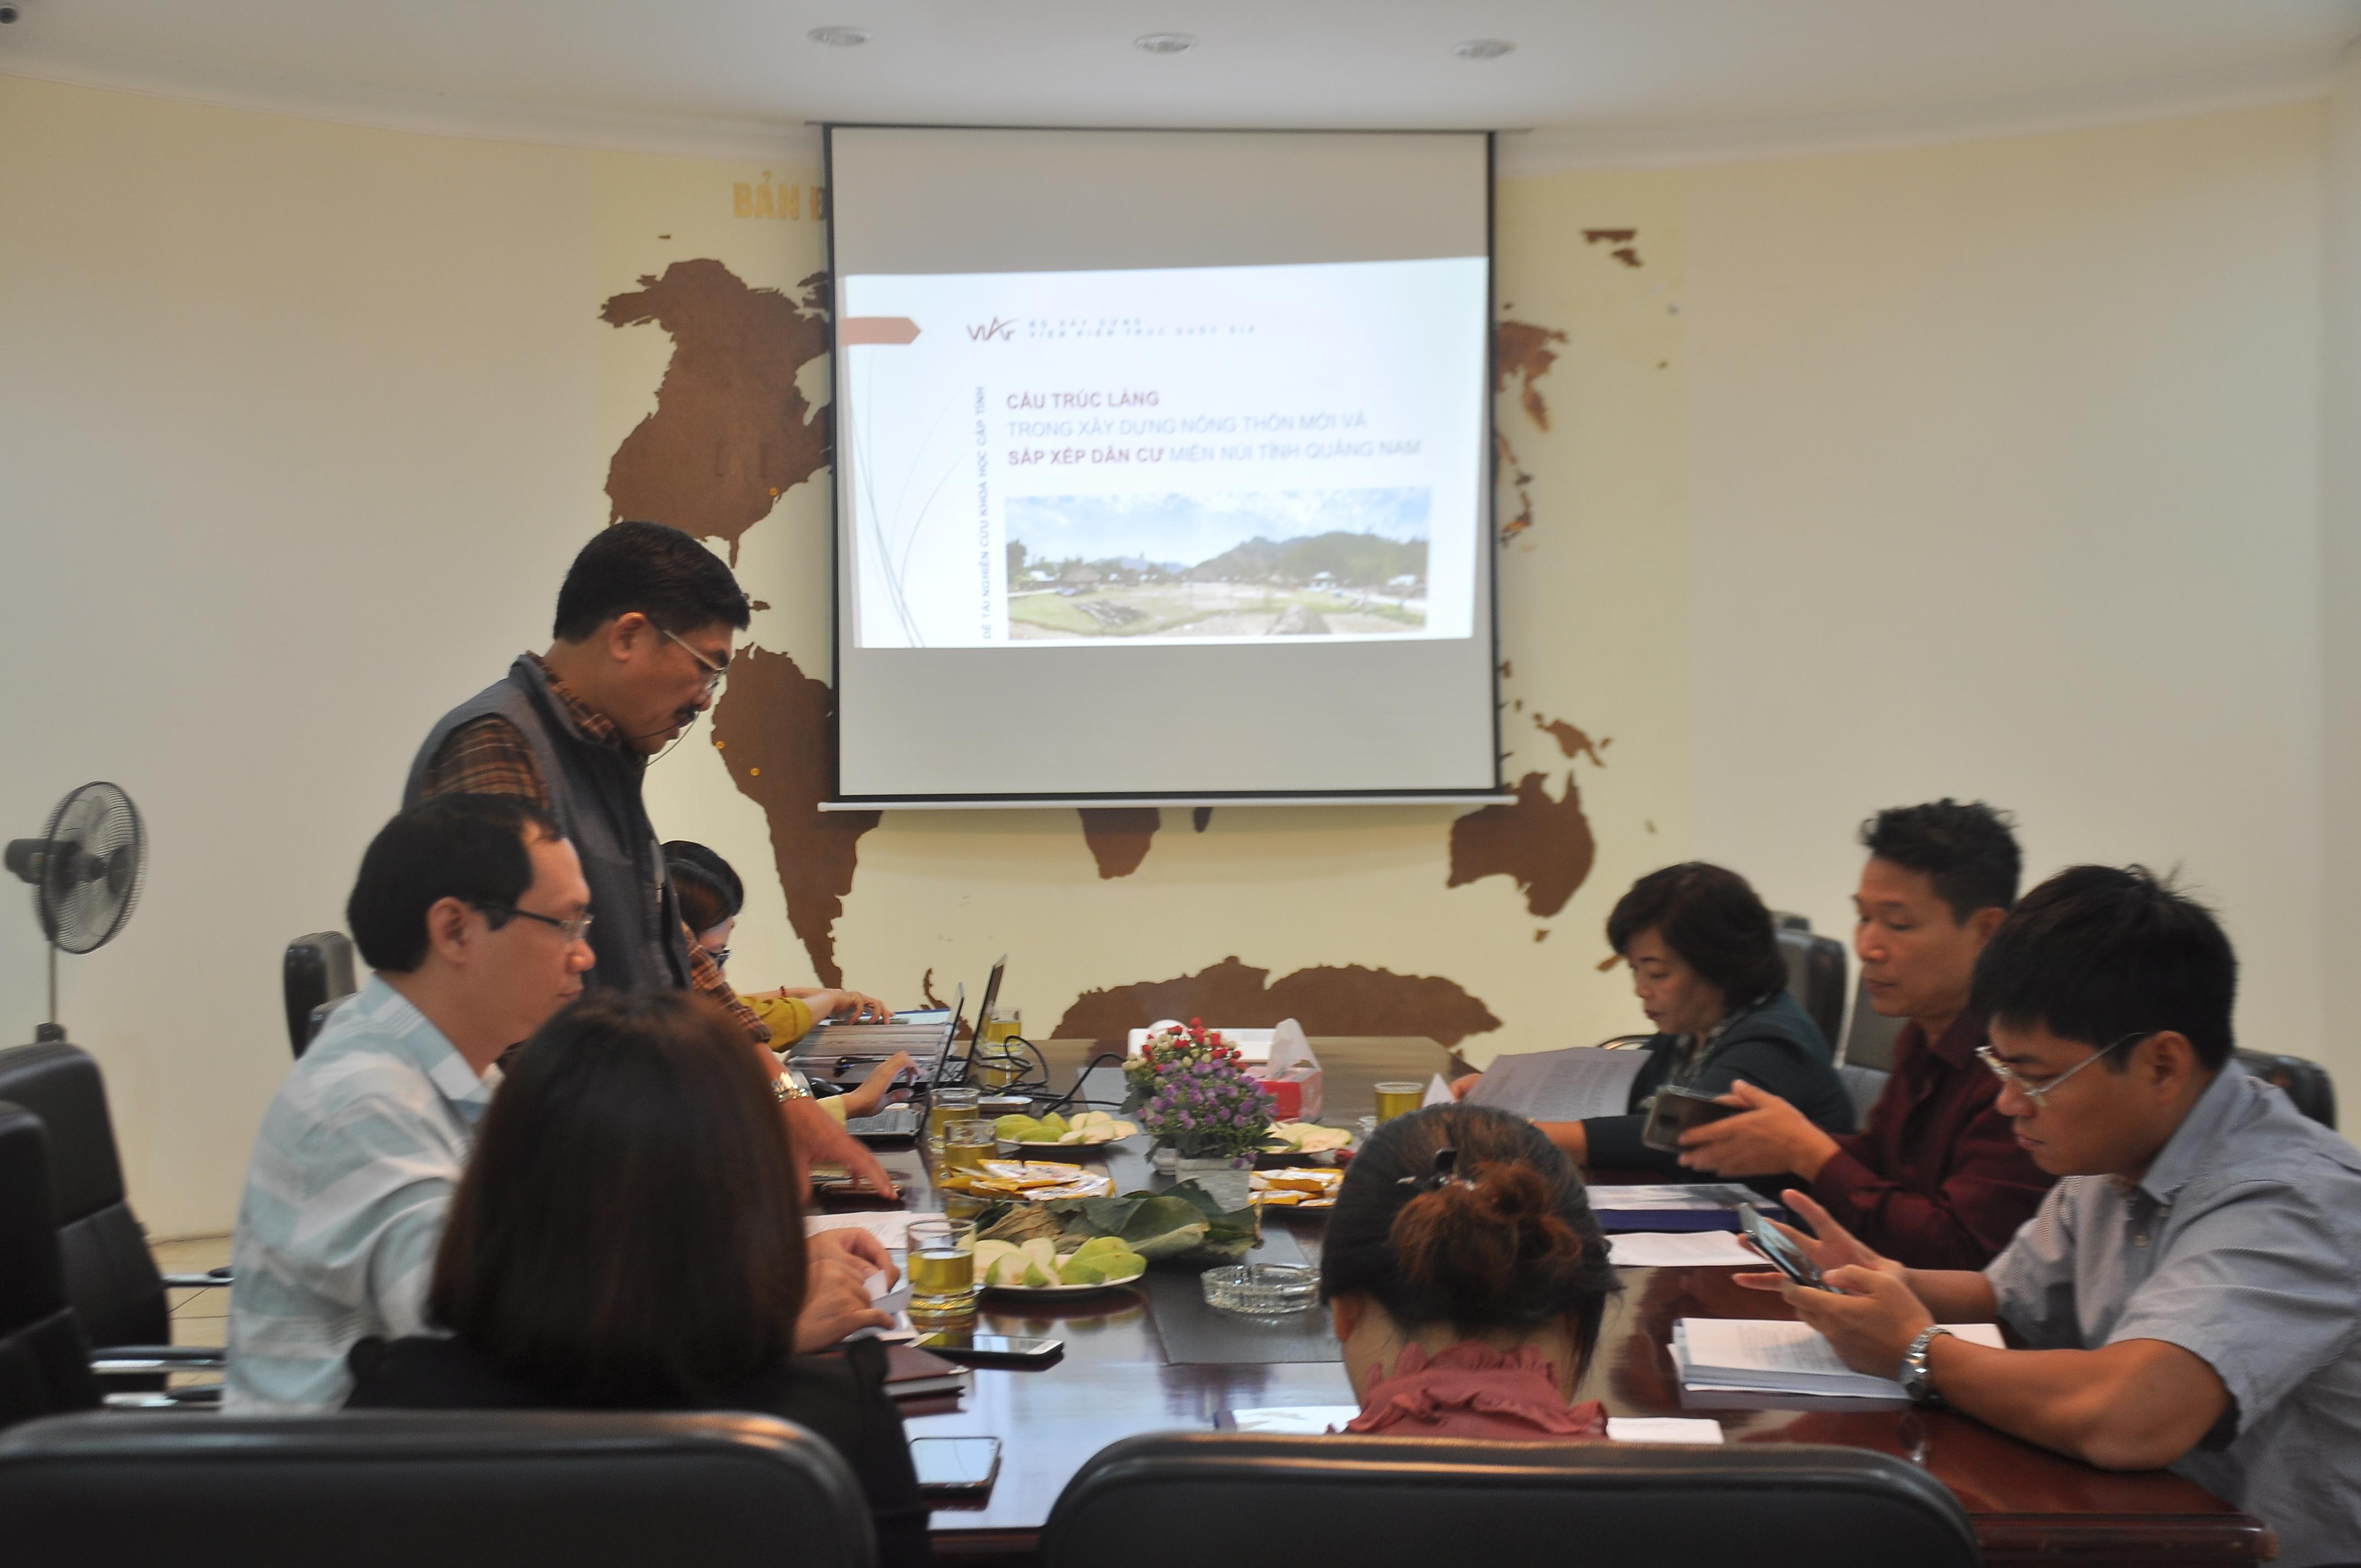 """Nghiệm thu đề tài """"Cấu trúc làng trong quá trình xây dựng nông thôn mới và sắp xếp dân cư miền núi tỉnh Quảng Nam"""""""